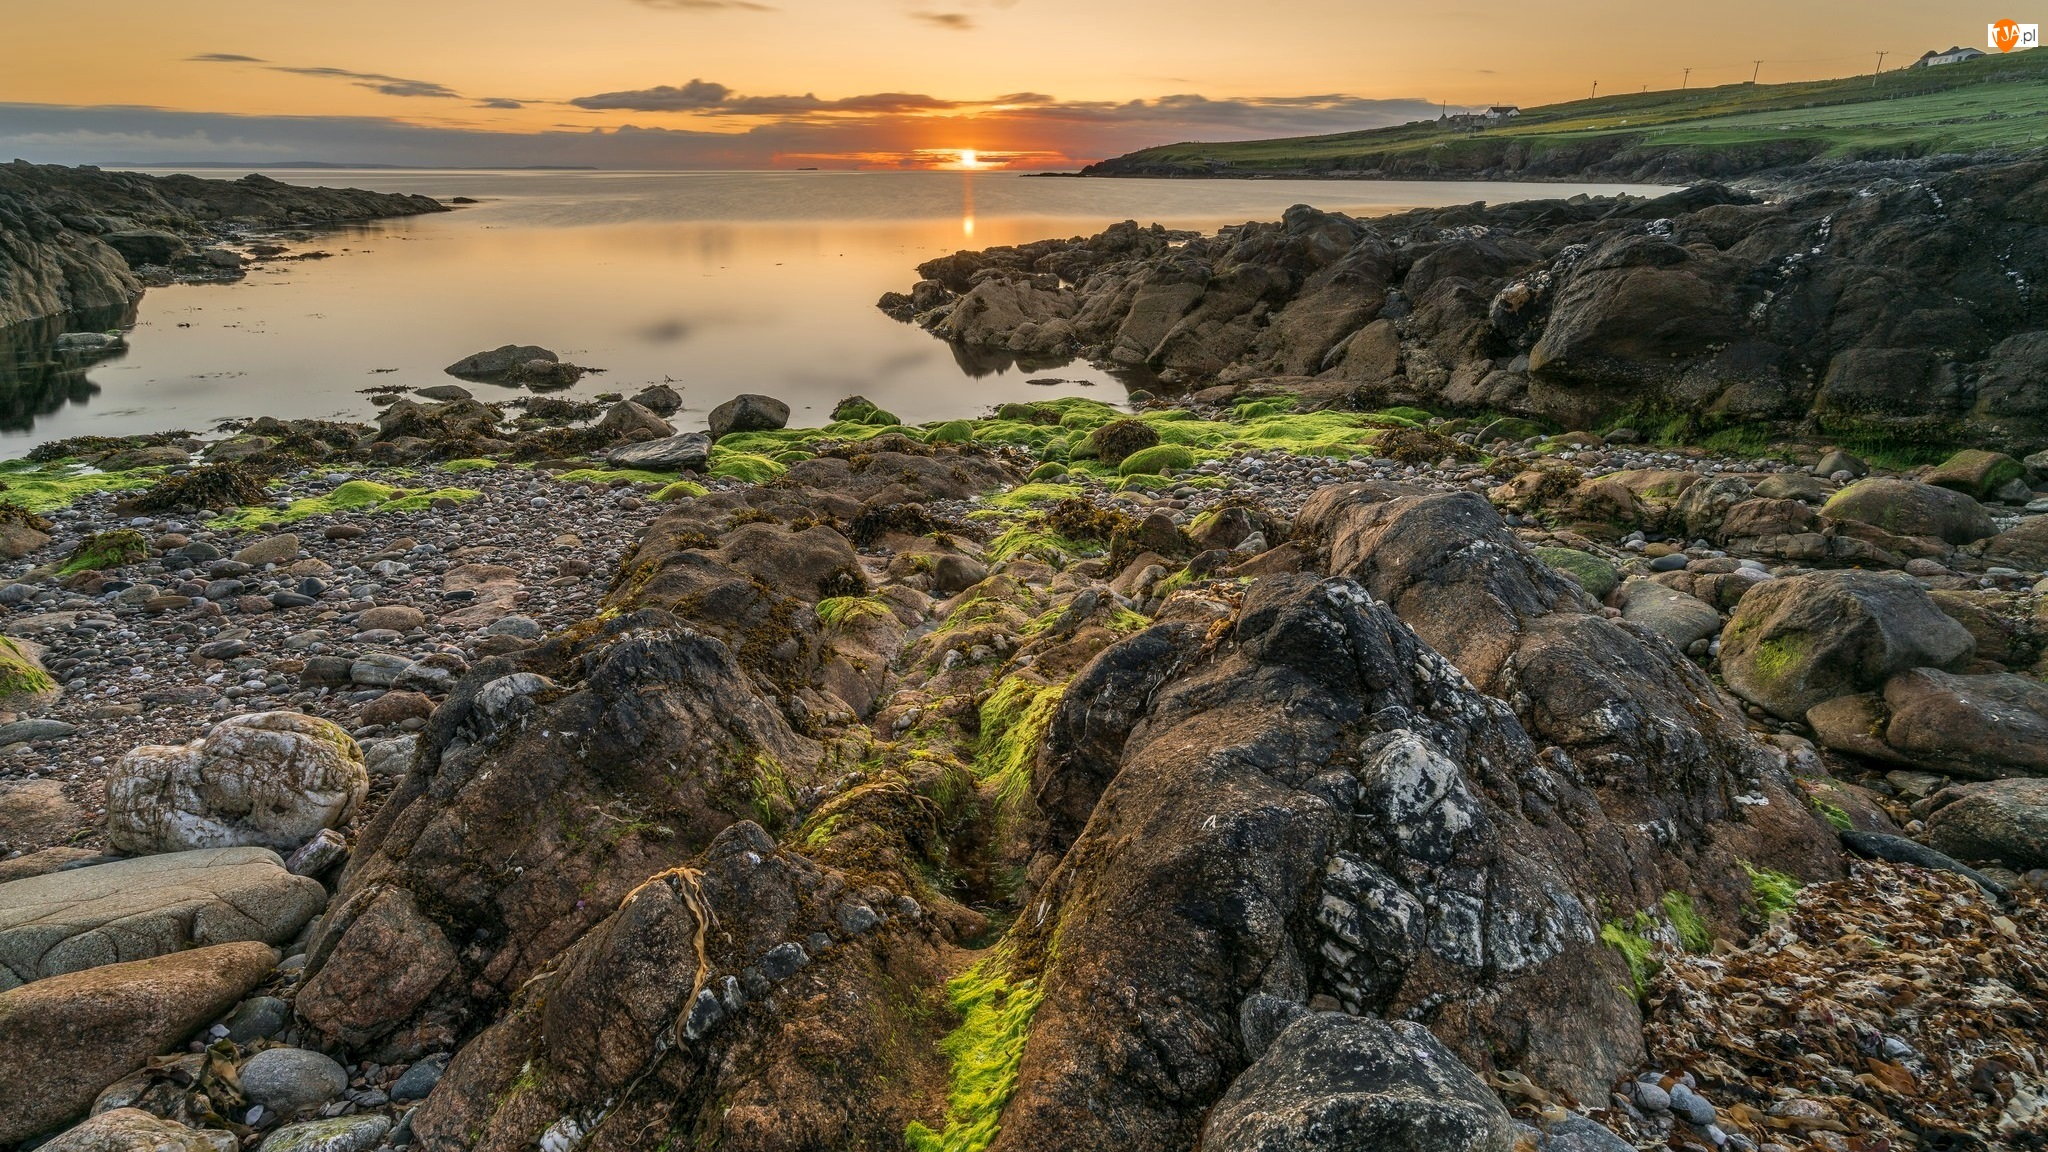 Osada Skaw, Morze Północne, Szetlandy, Wschód słońca, Szkocja, Skały, Wyspa Whalsay, Kamienie